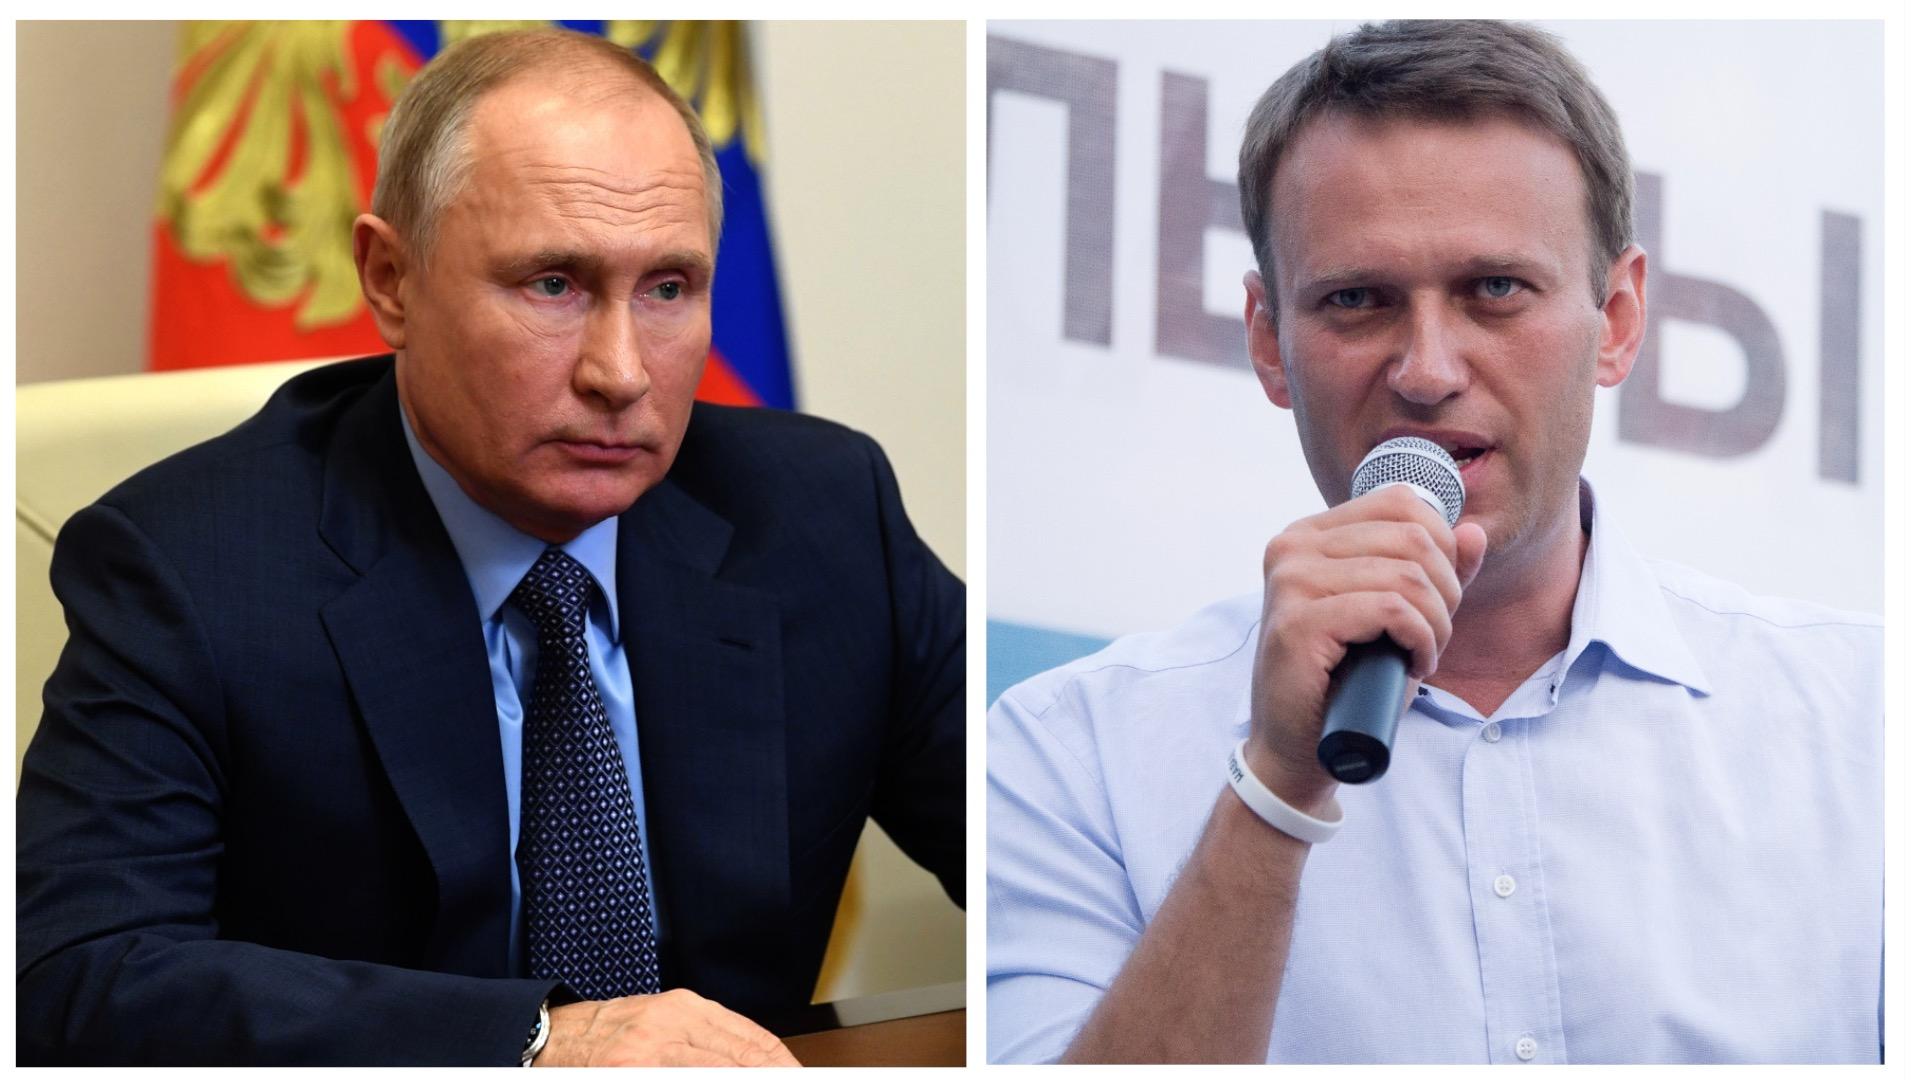 Putin & Nawalny Repräsentieren Beide Russisches Großkapital | Analyse von Prof. Buzgalin aus Moskau